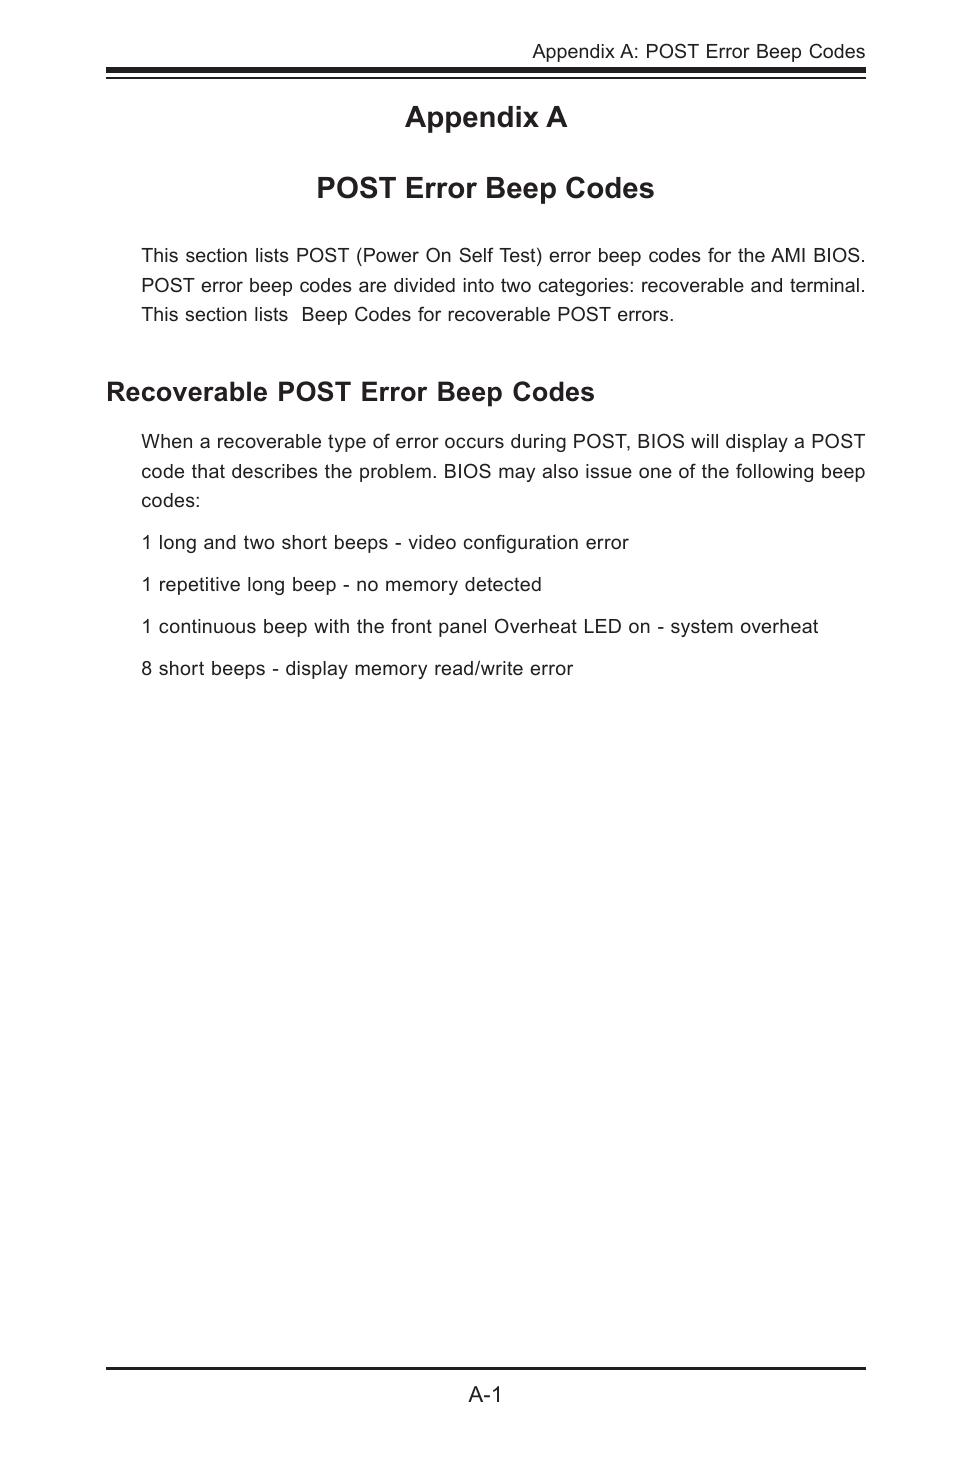 Appendix a post error beep codes, Recoverable post error beep codes